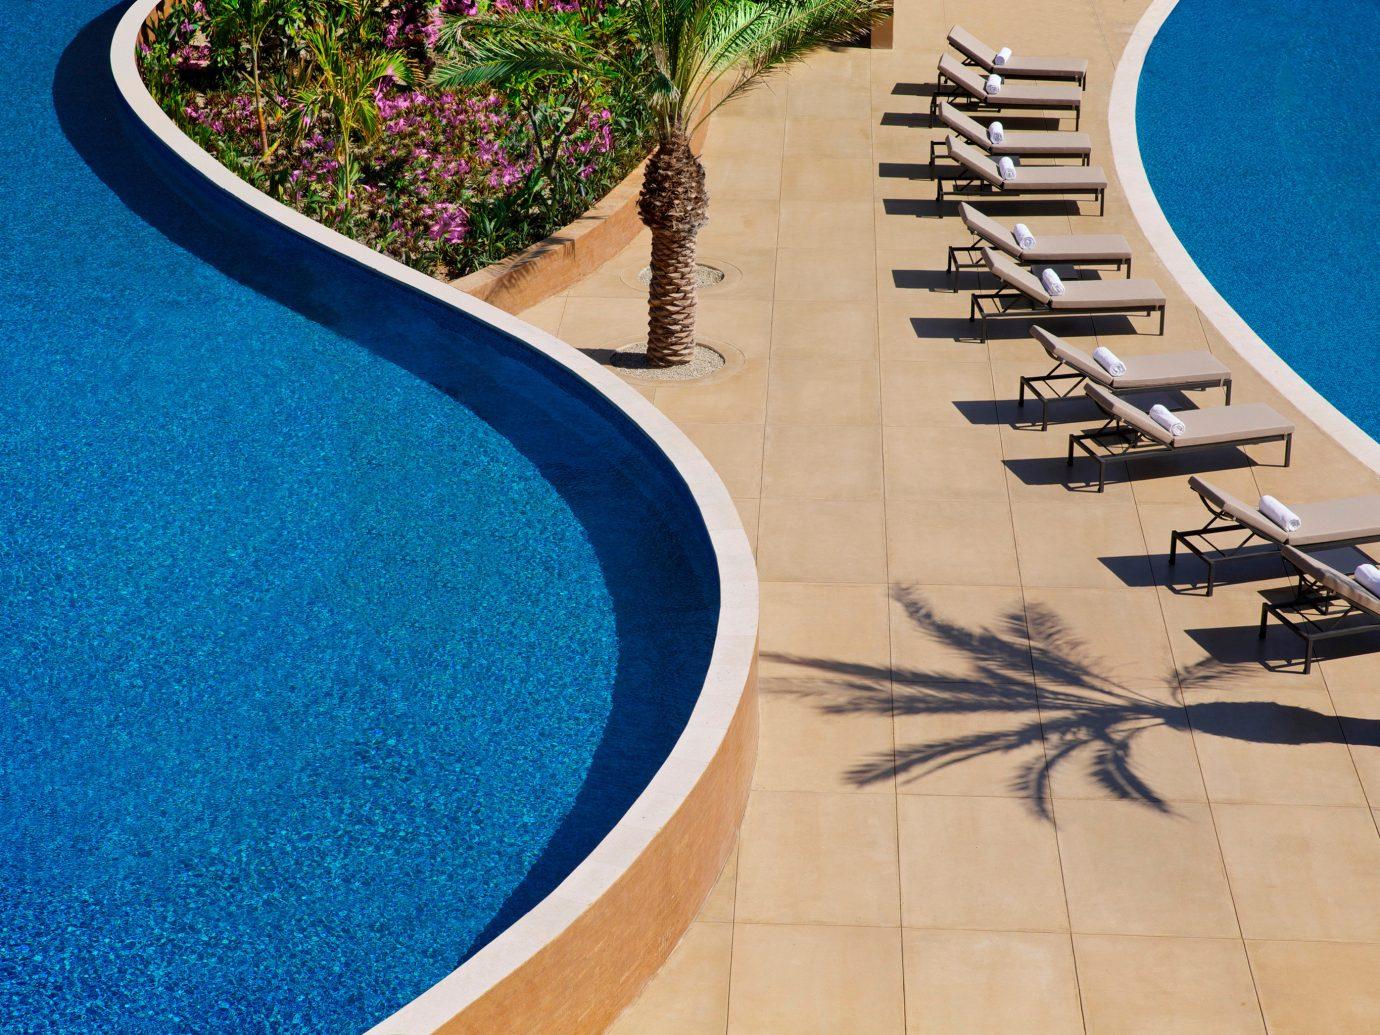 Budget Hotels blue swimming pool floor flooring walkway